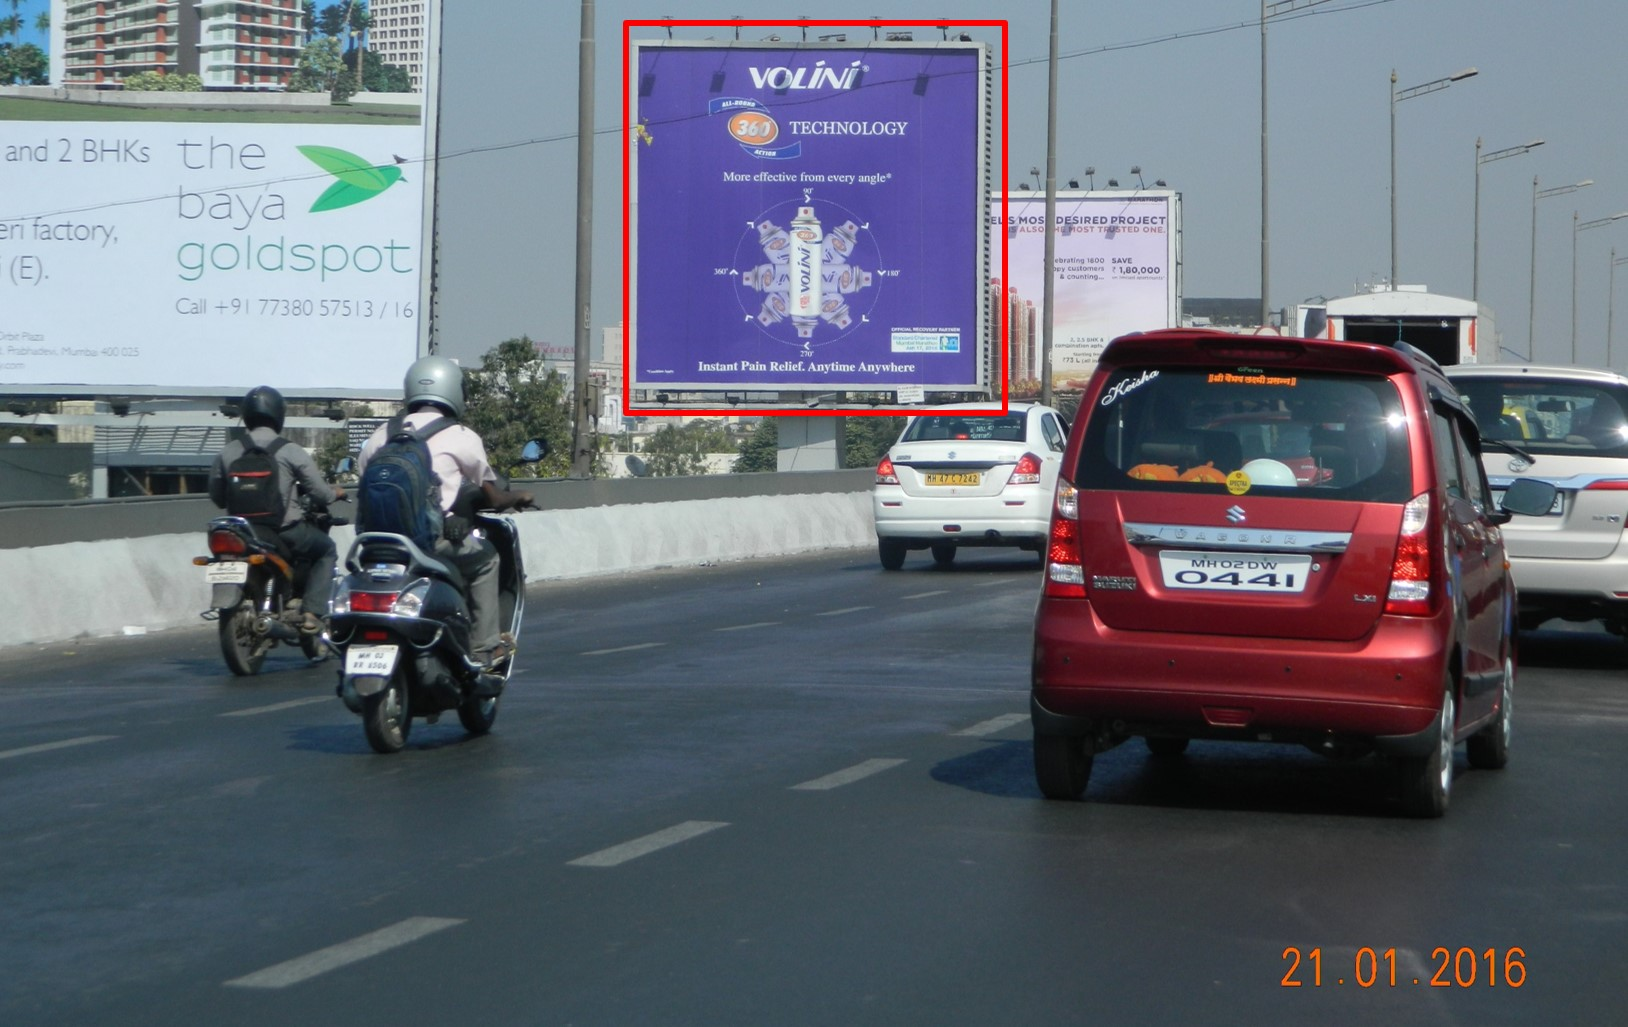 WEH, Andheri Jog Flyover ET, Mumbai